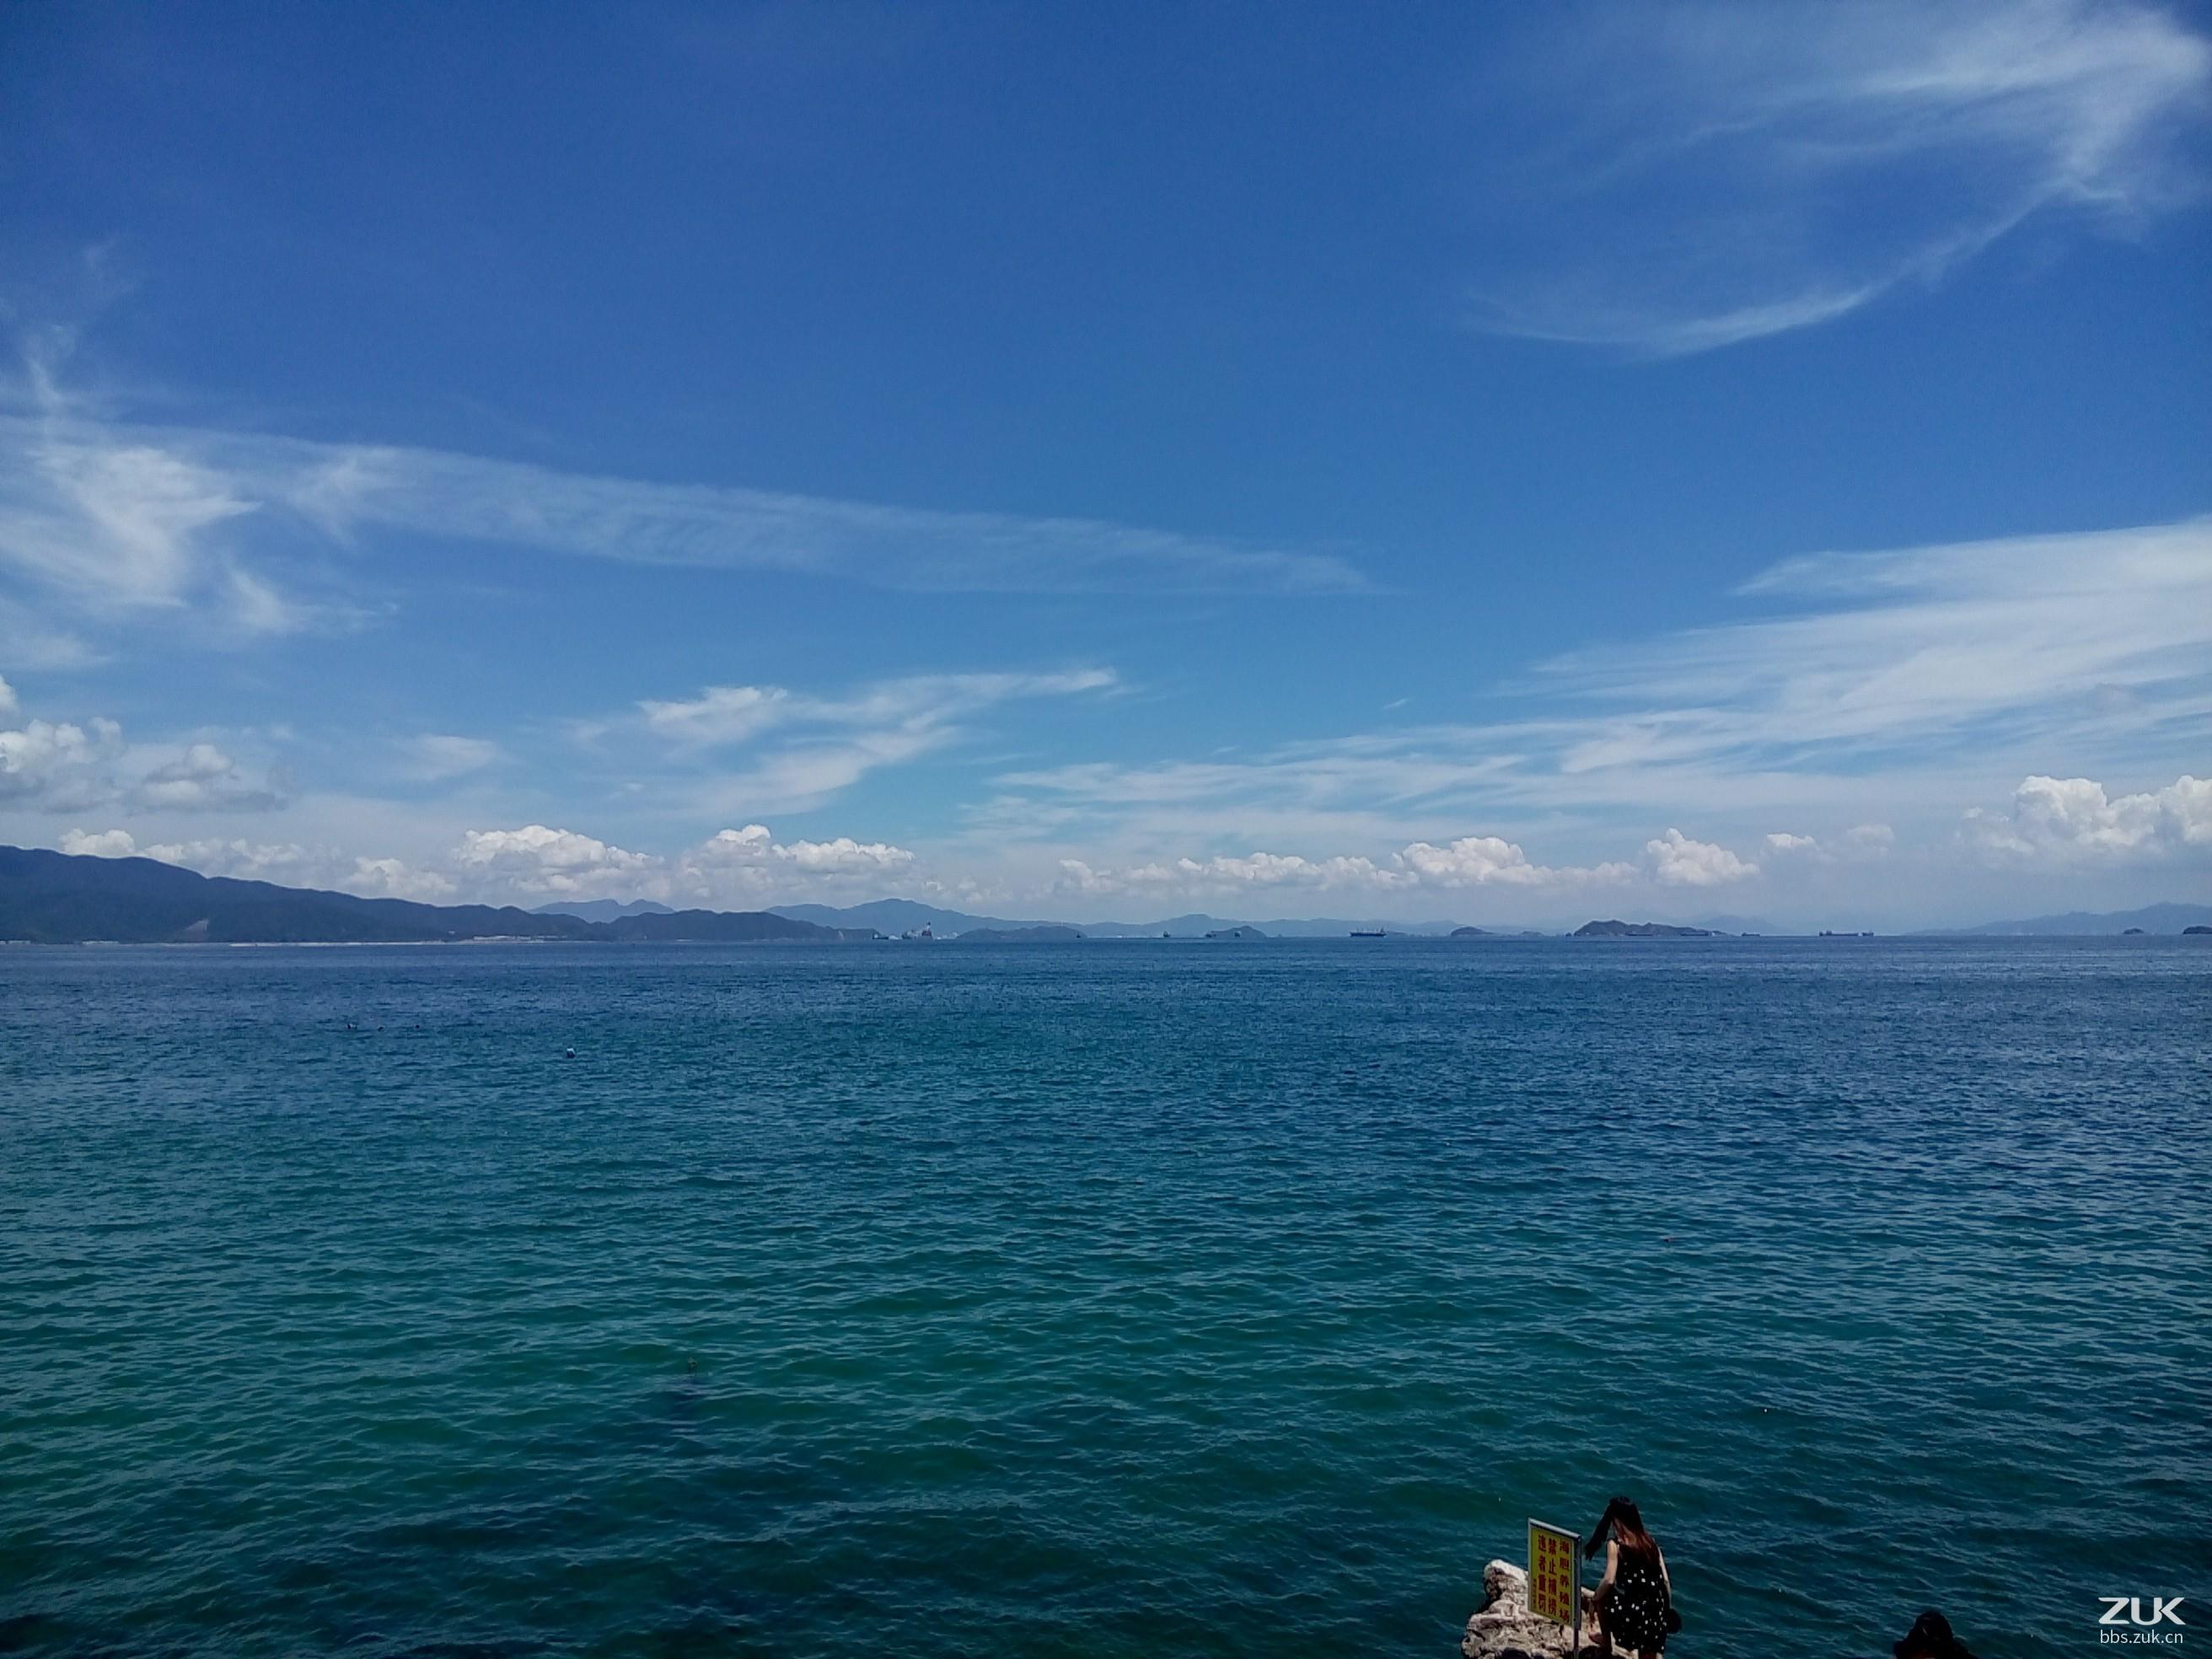 结伴沿着海岸线徒布,在碧海蓝天下,大家一起竖起耳朵,听听海浪的